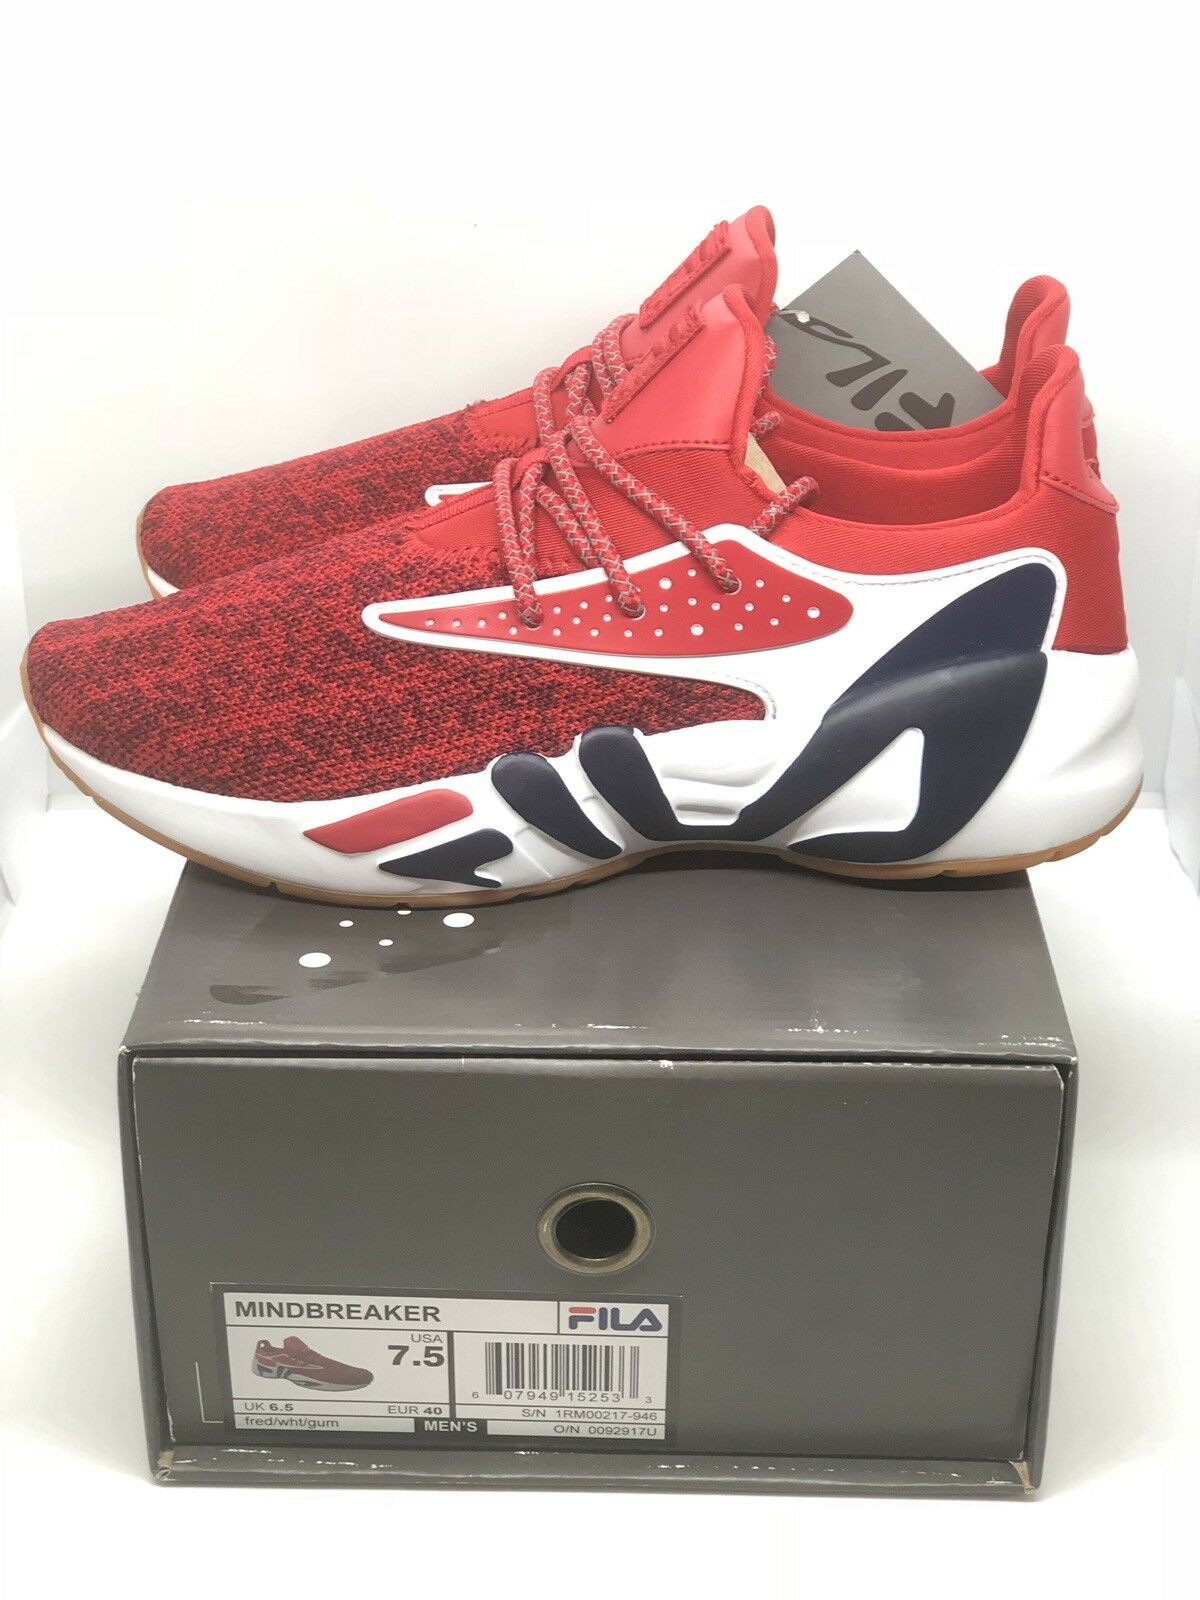 Mens Fila MINDBREAKER Classic Retro Casual Casual Casual Athletic Running scarpe NIB Dimensione 7.5 eb202f